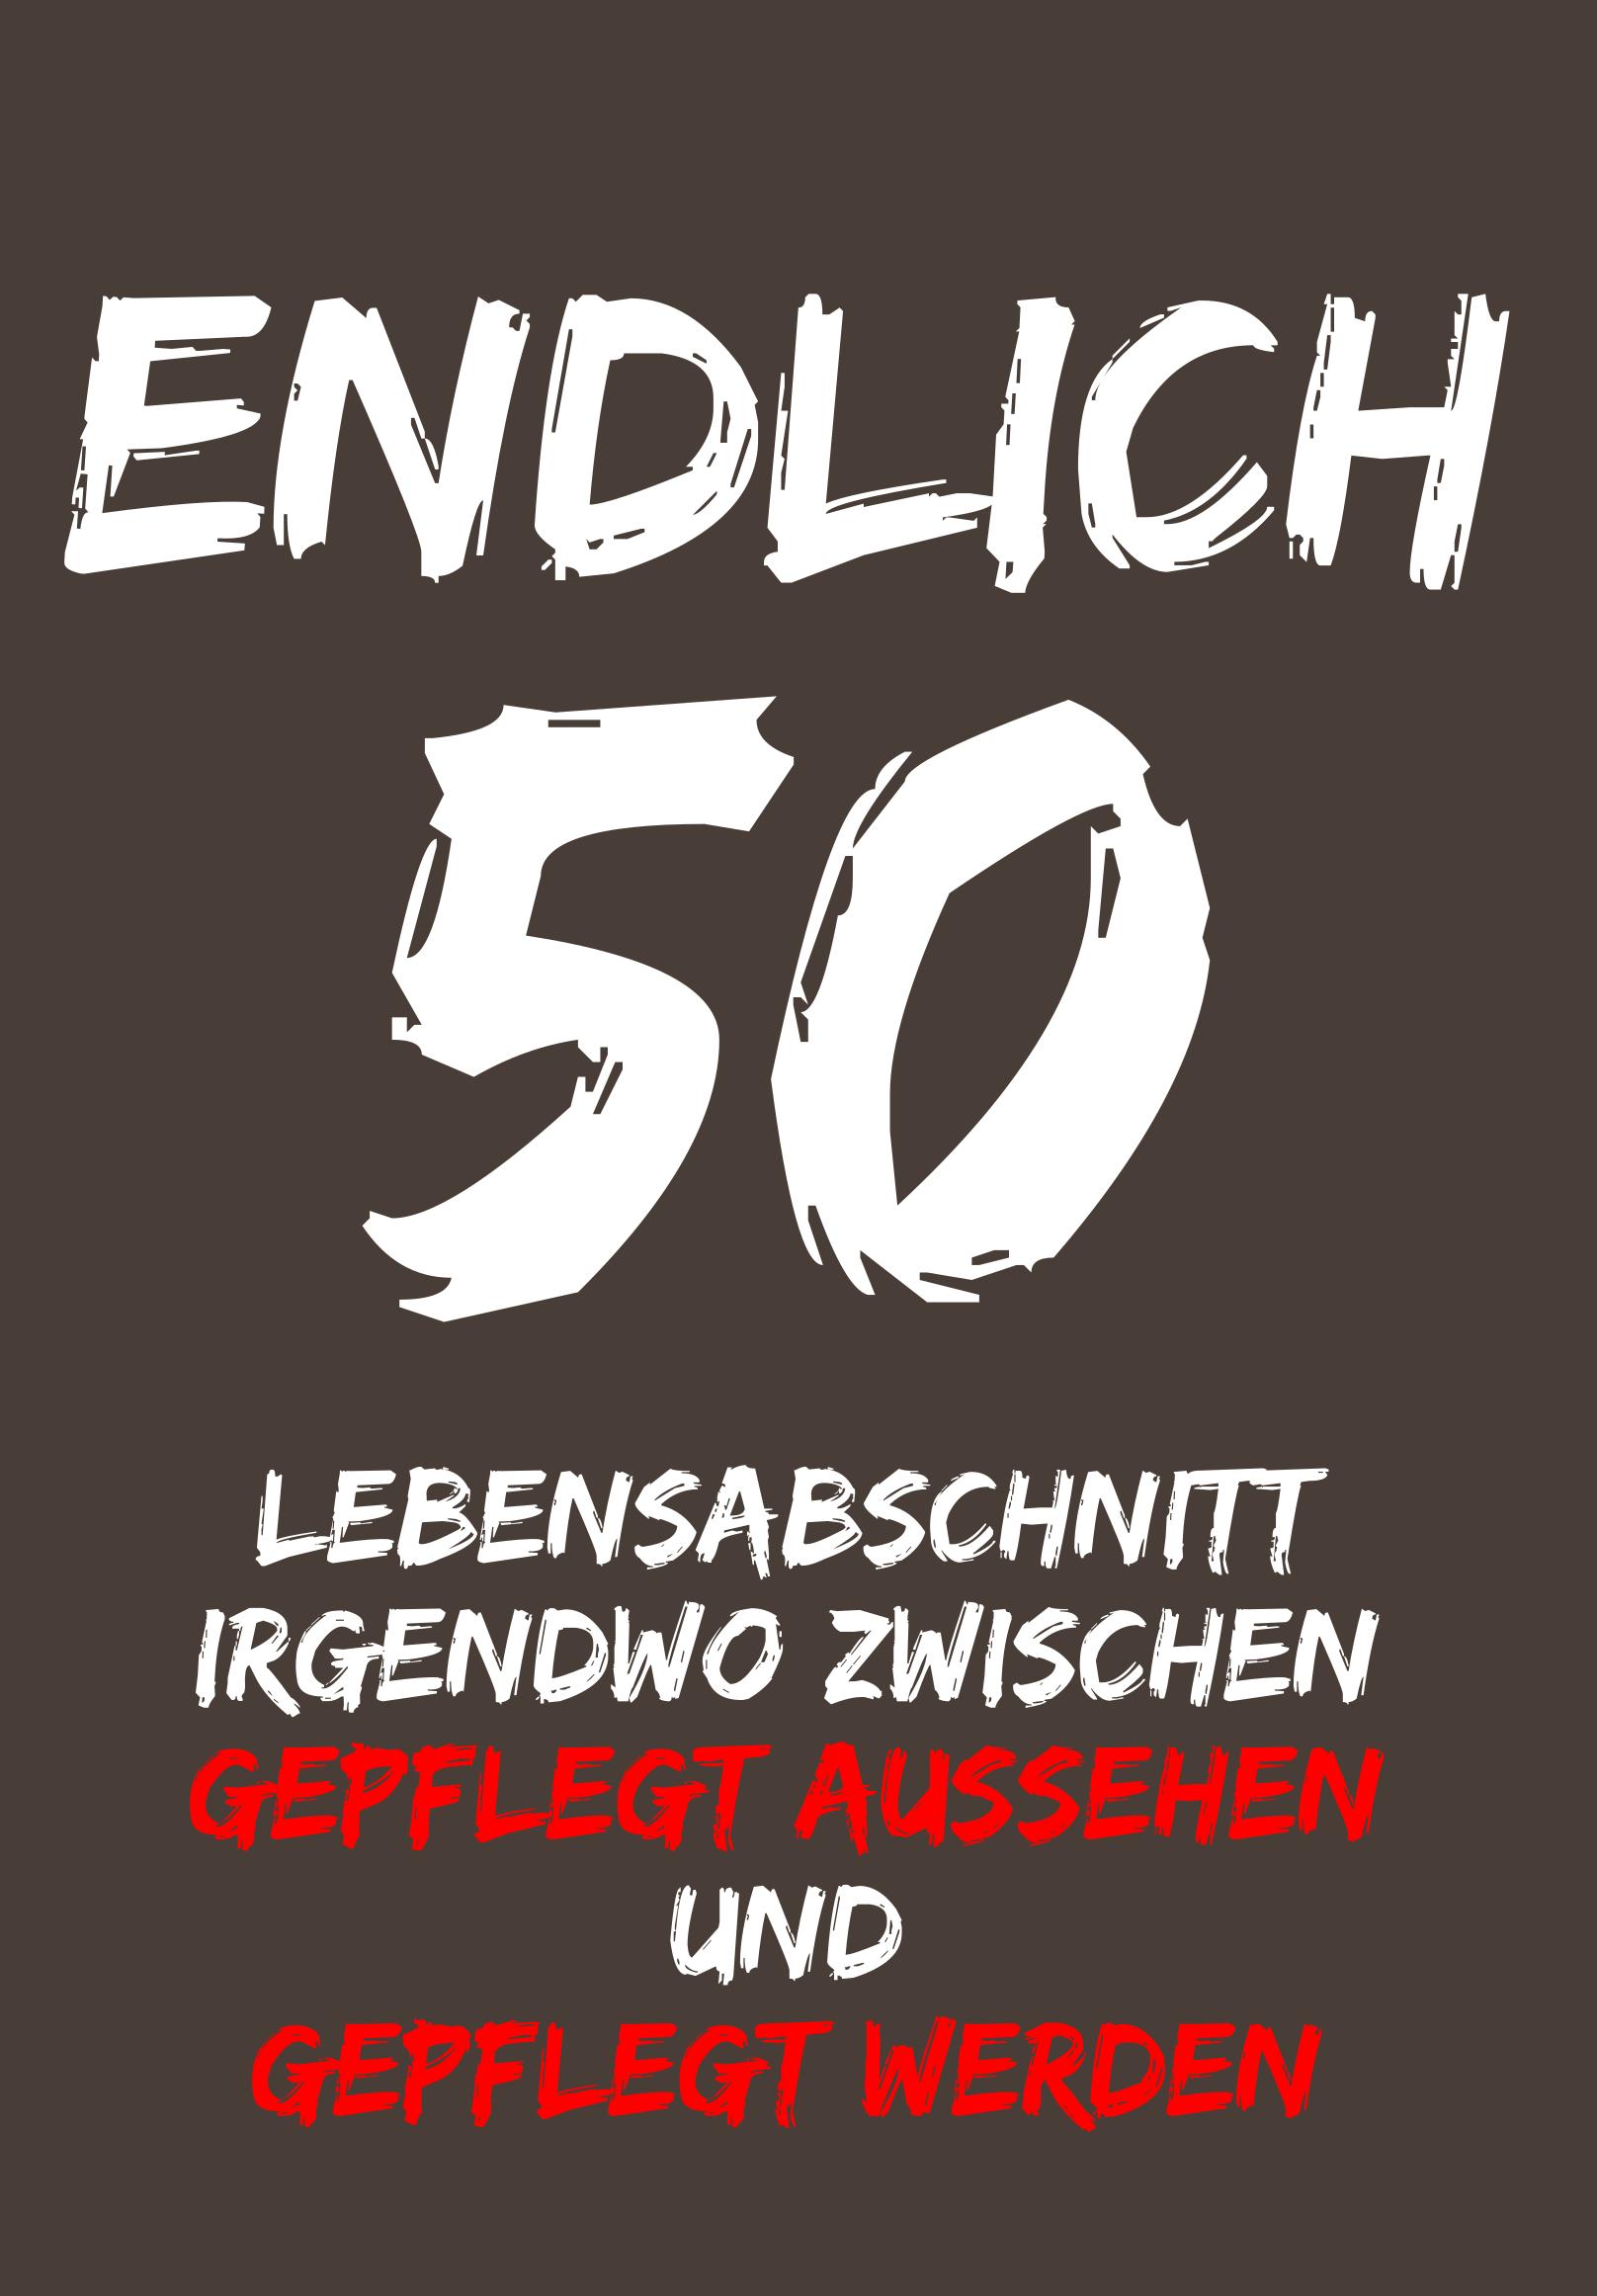 Geburtstagswünsche Zum 50